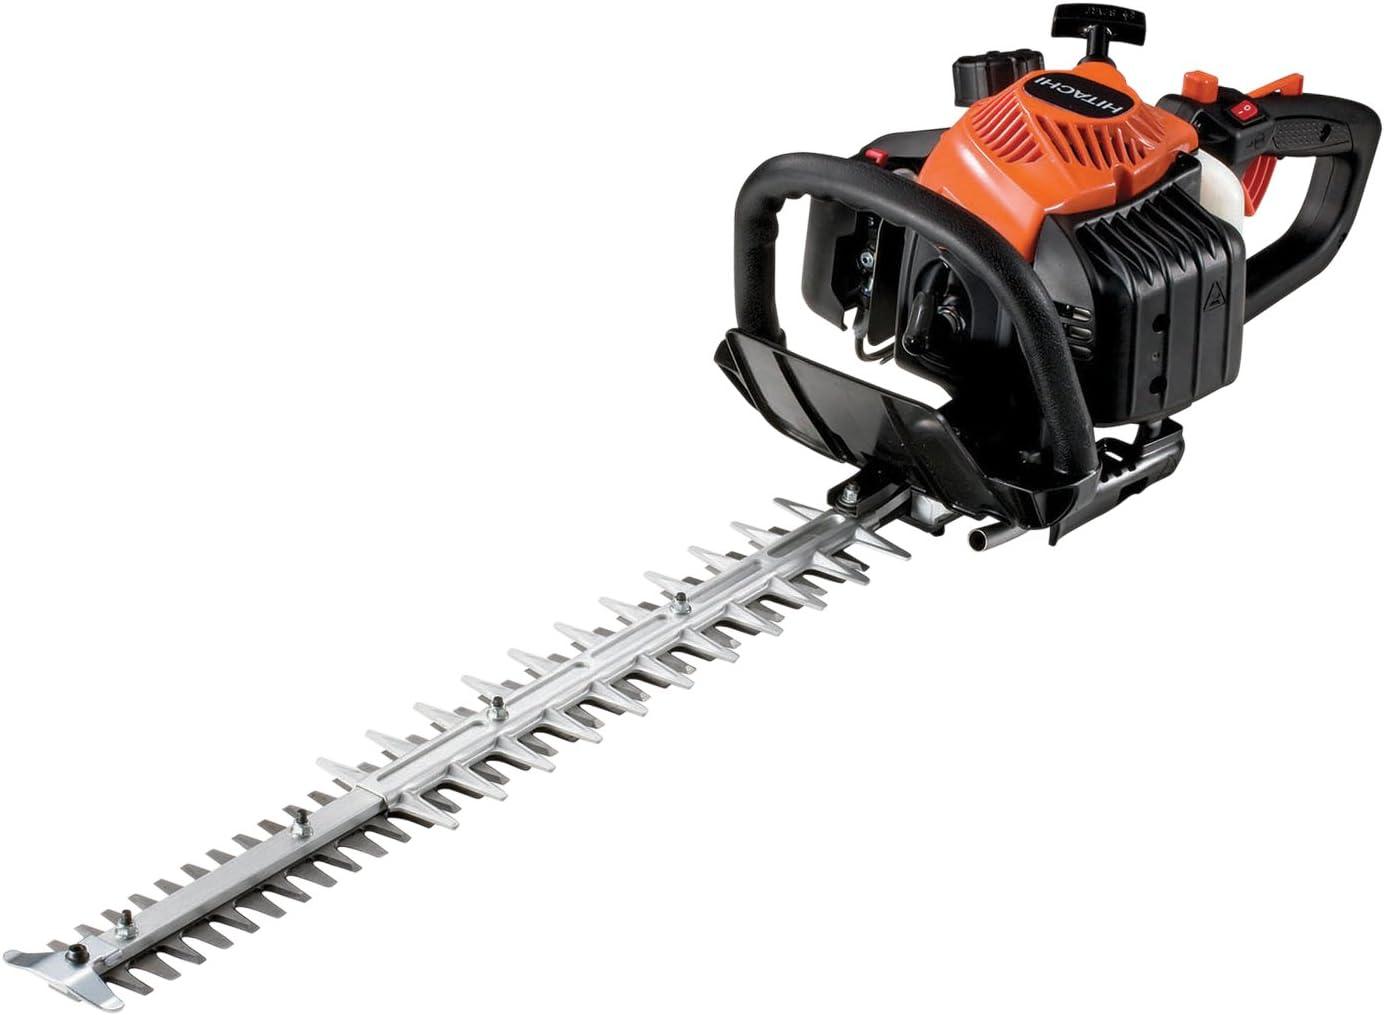 Hitachi CH22ECP2(LL) tijera - Cortasetos (1053 mm, 250 mm, 197 mm, 650 W) Naranja